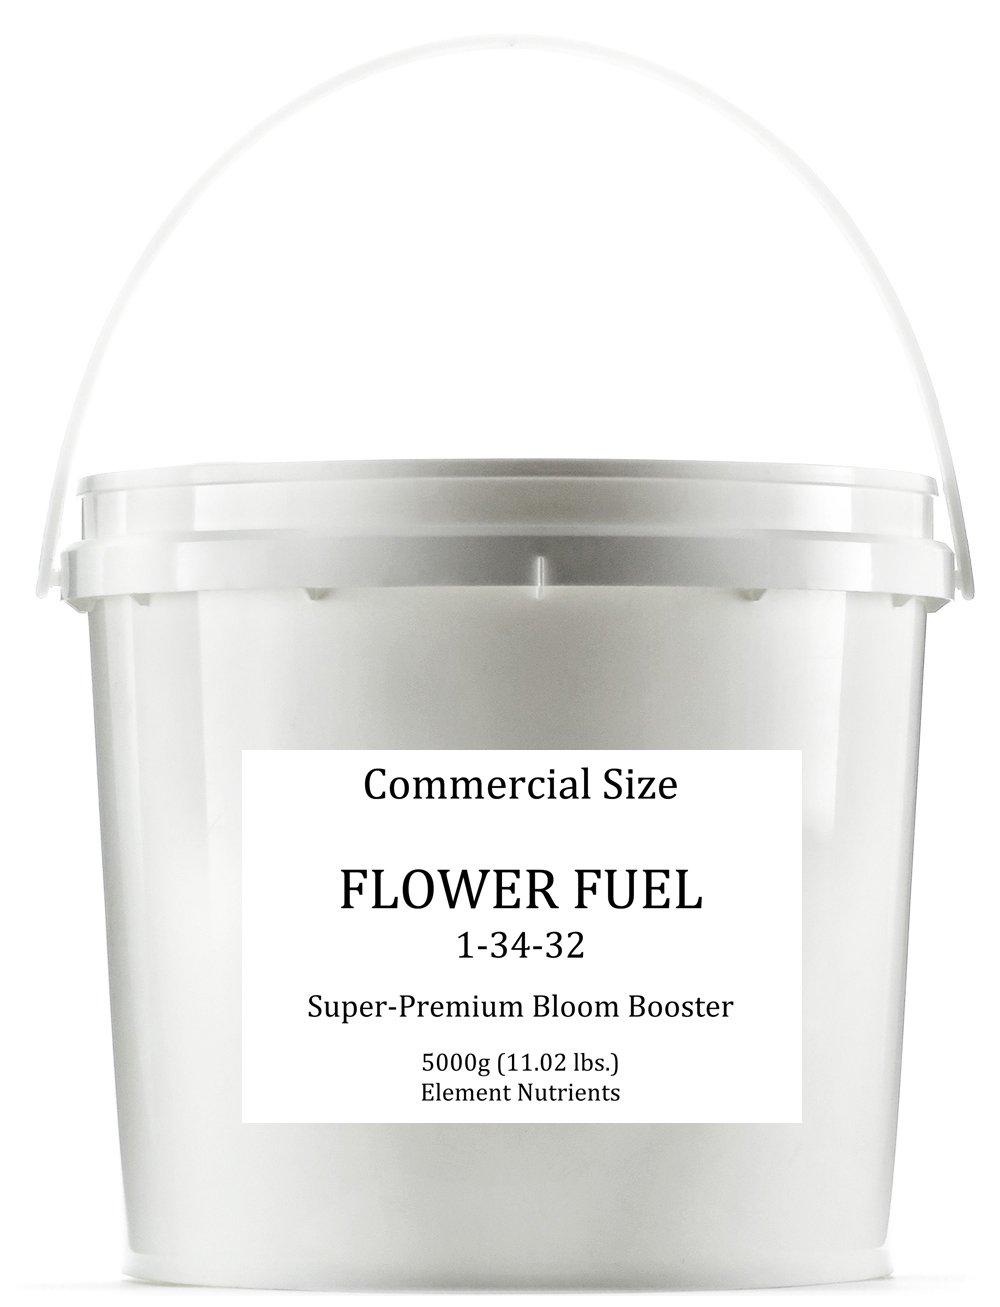 Flower Fuel 1-34-32, 5000g - The Best Flower Additive For Bigger, Heavier Harvests (5000g)